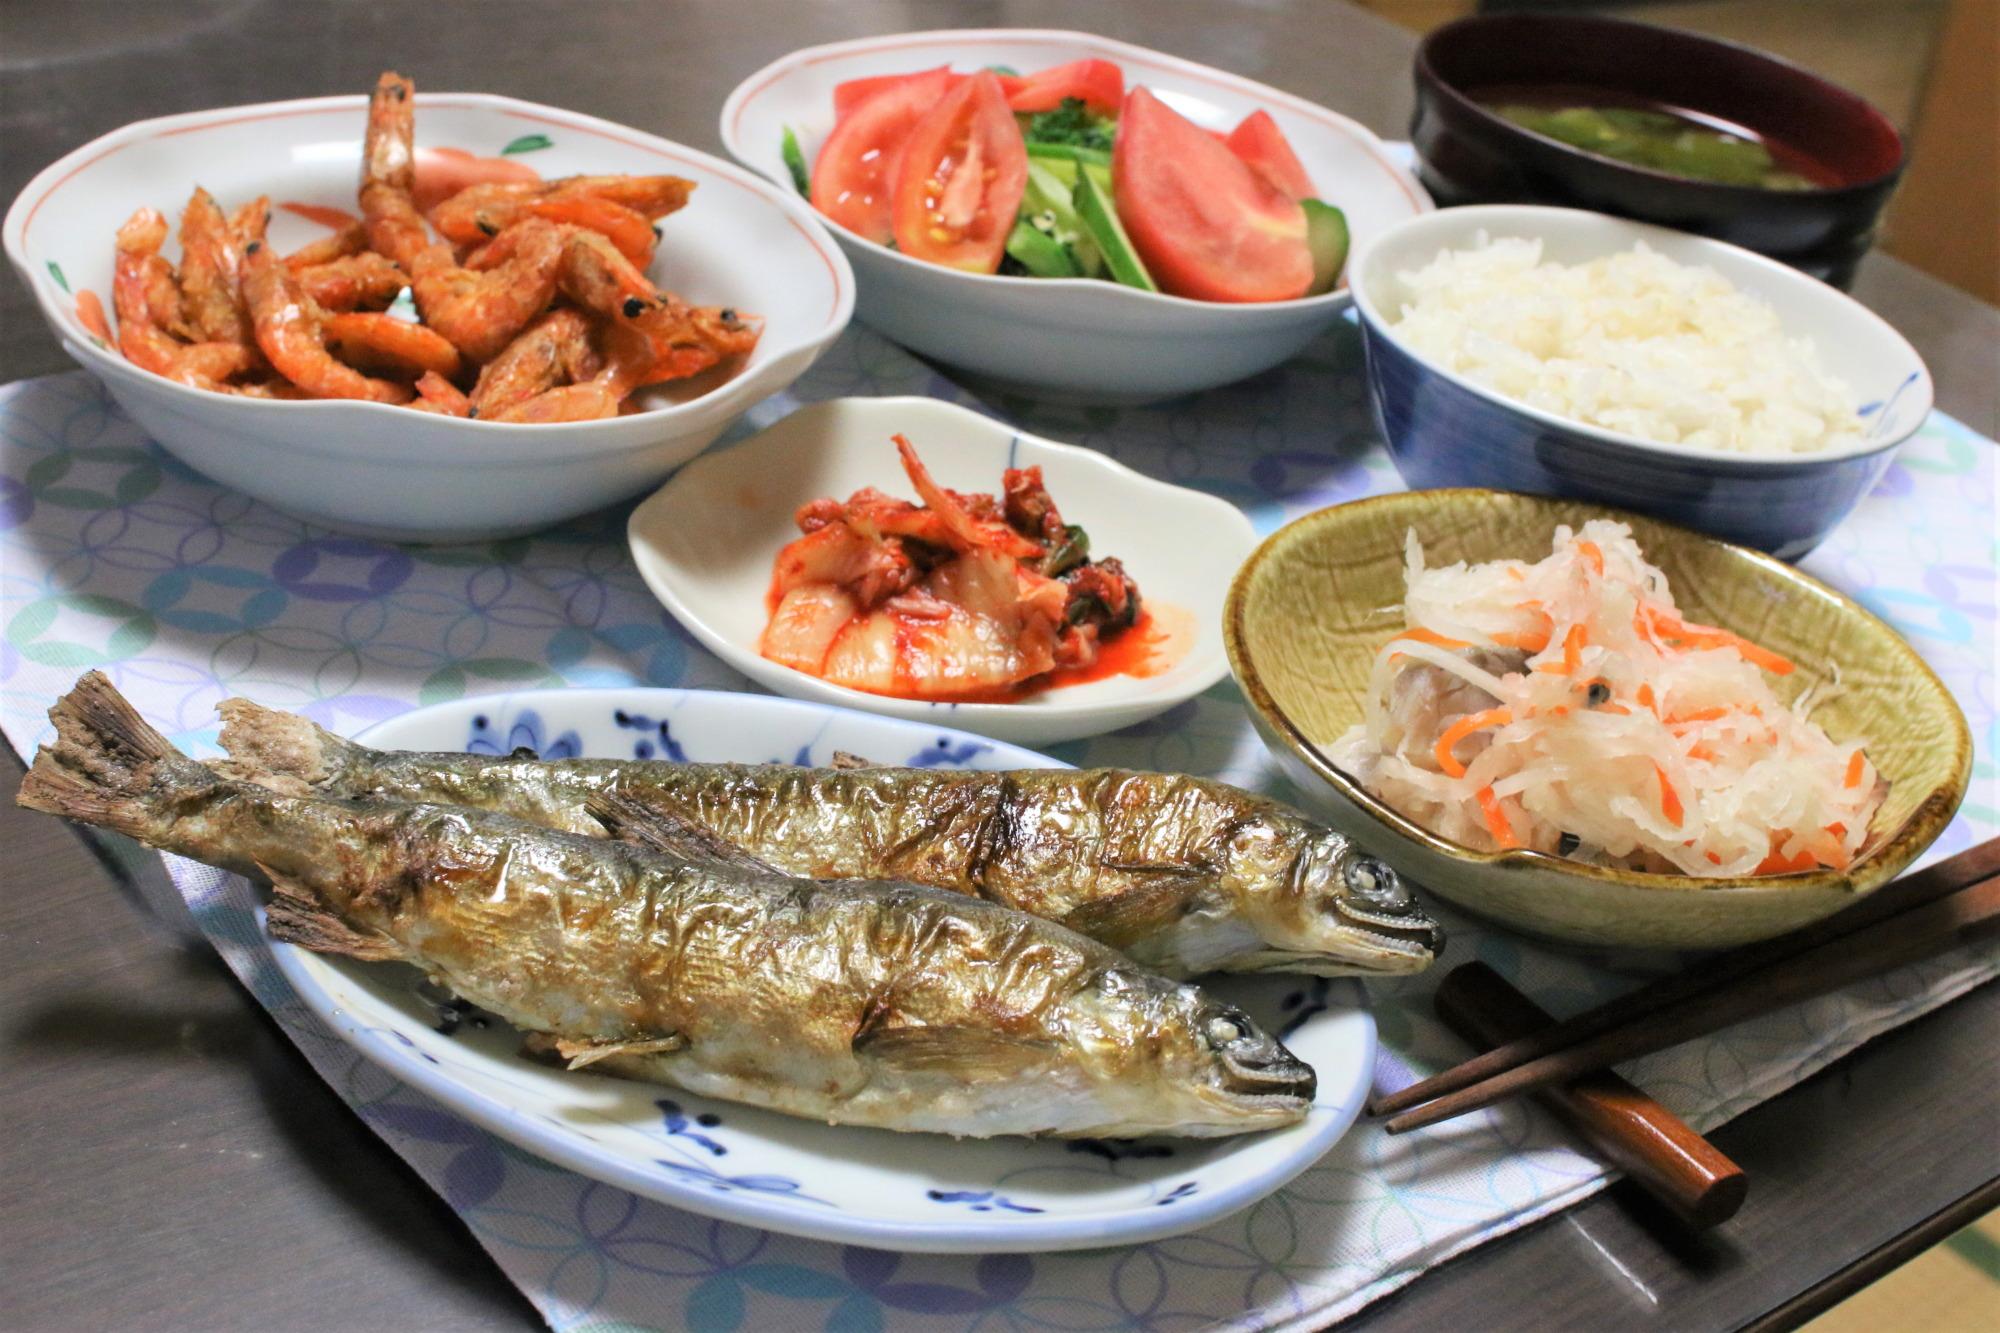 鮎の塩焼きと小エビの素揚げ、キムチ、なますなどの晩ごはんの献立